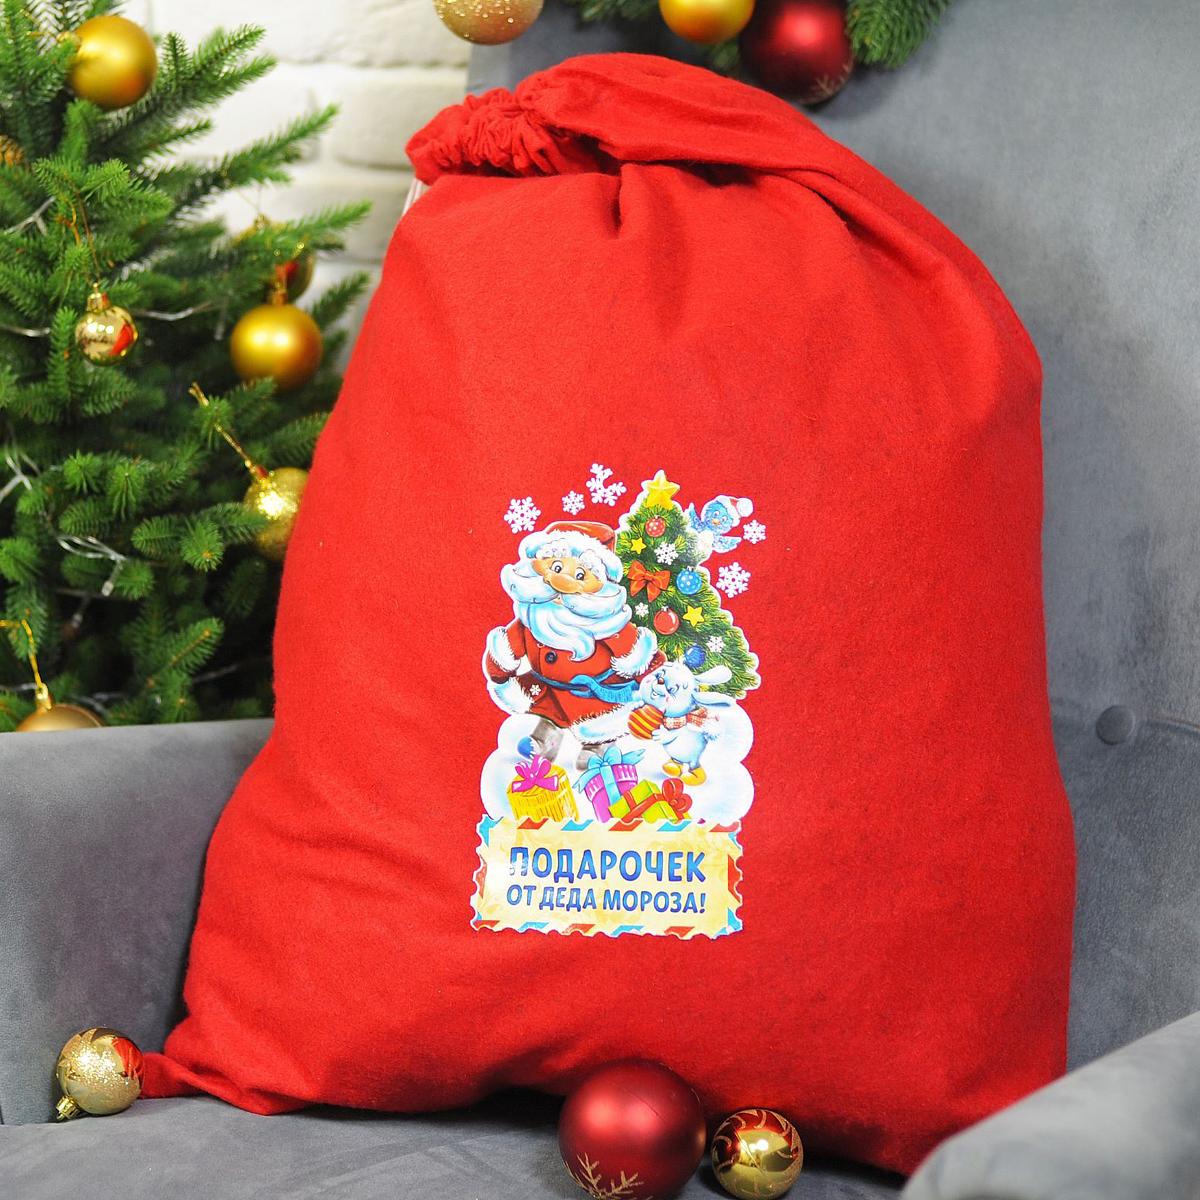 Упаковка подарочная Страна Карнавалия Мешок Деда Мороза. Подарочек, 60 х 90 см2226421Невозможно представить нашу жизнь без праздников! Мы всегда ждем их и предвкушаем, обдумываем, как проведем памятный день, тщательно выбираем подарки и аксессуары, ведь именно они создают и поддерживают торжественный настрой. Мешок — это отличный выбор, который привнесет атмосферу праздника в ваш дом!